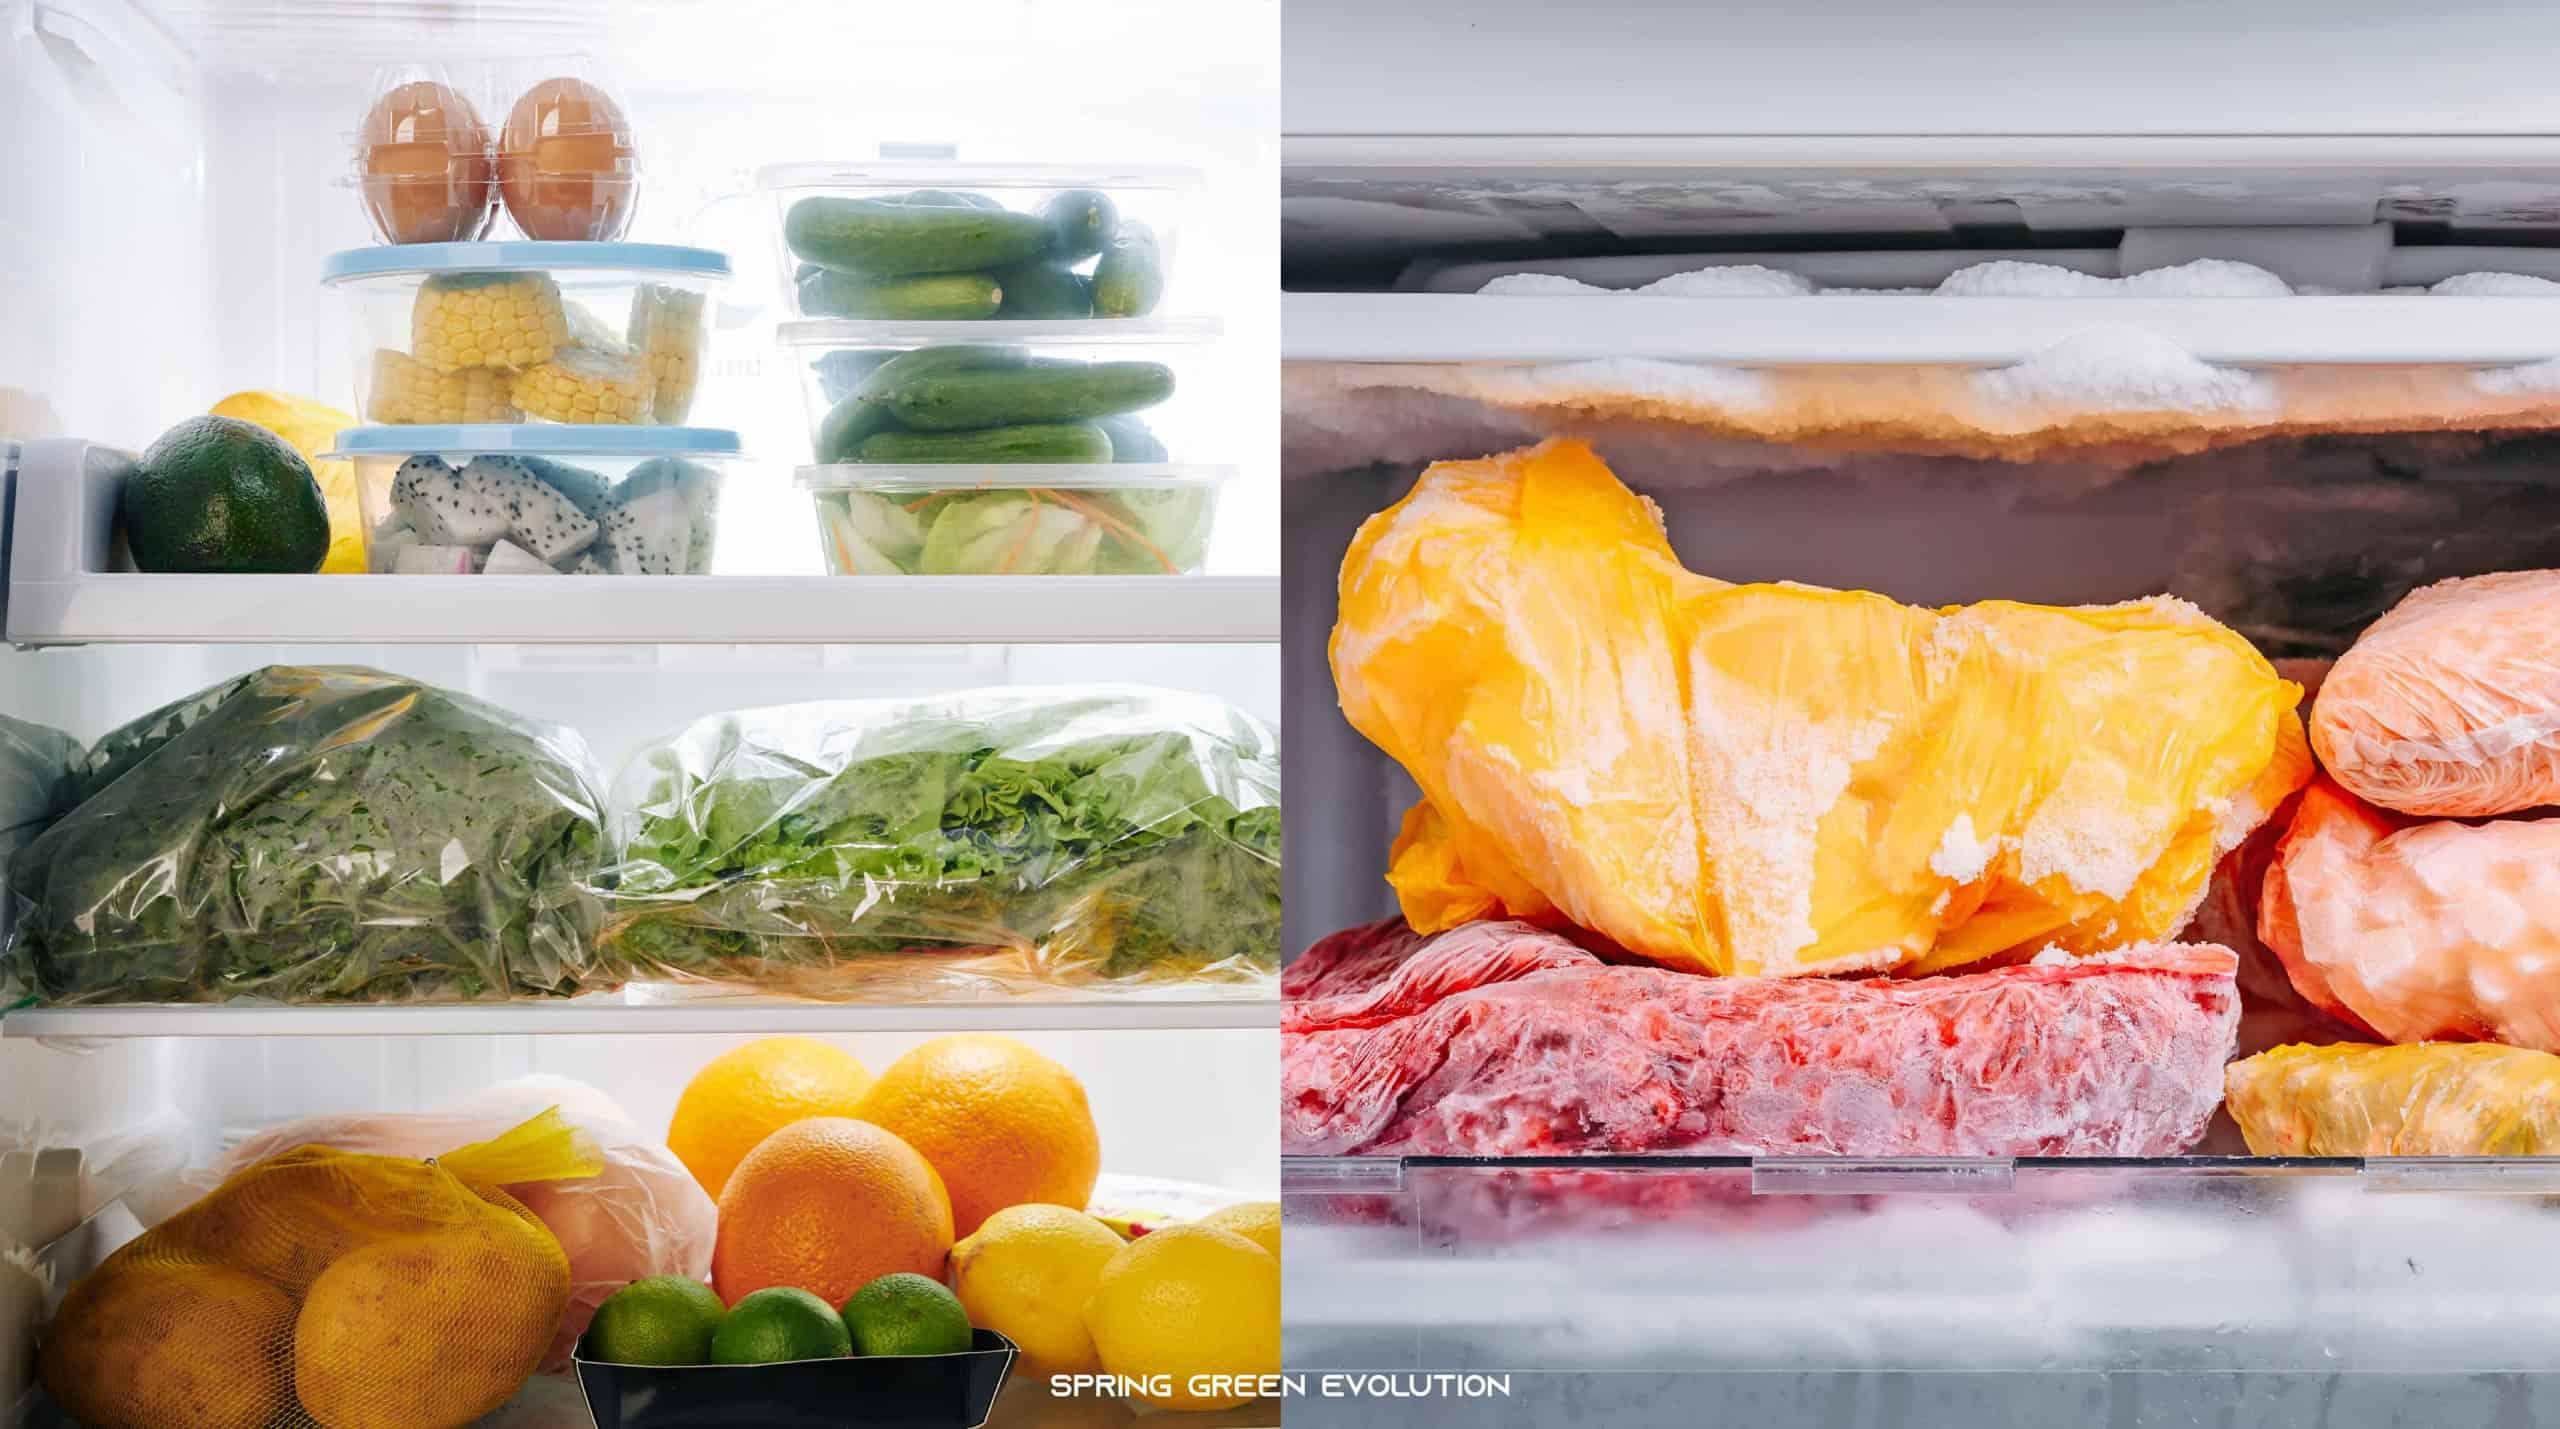 201118-Content-หลักการถนอมอาหารและเมนูถนอมอาหาร-05